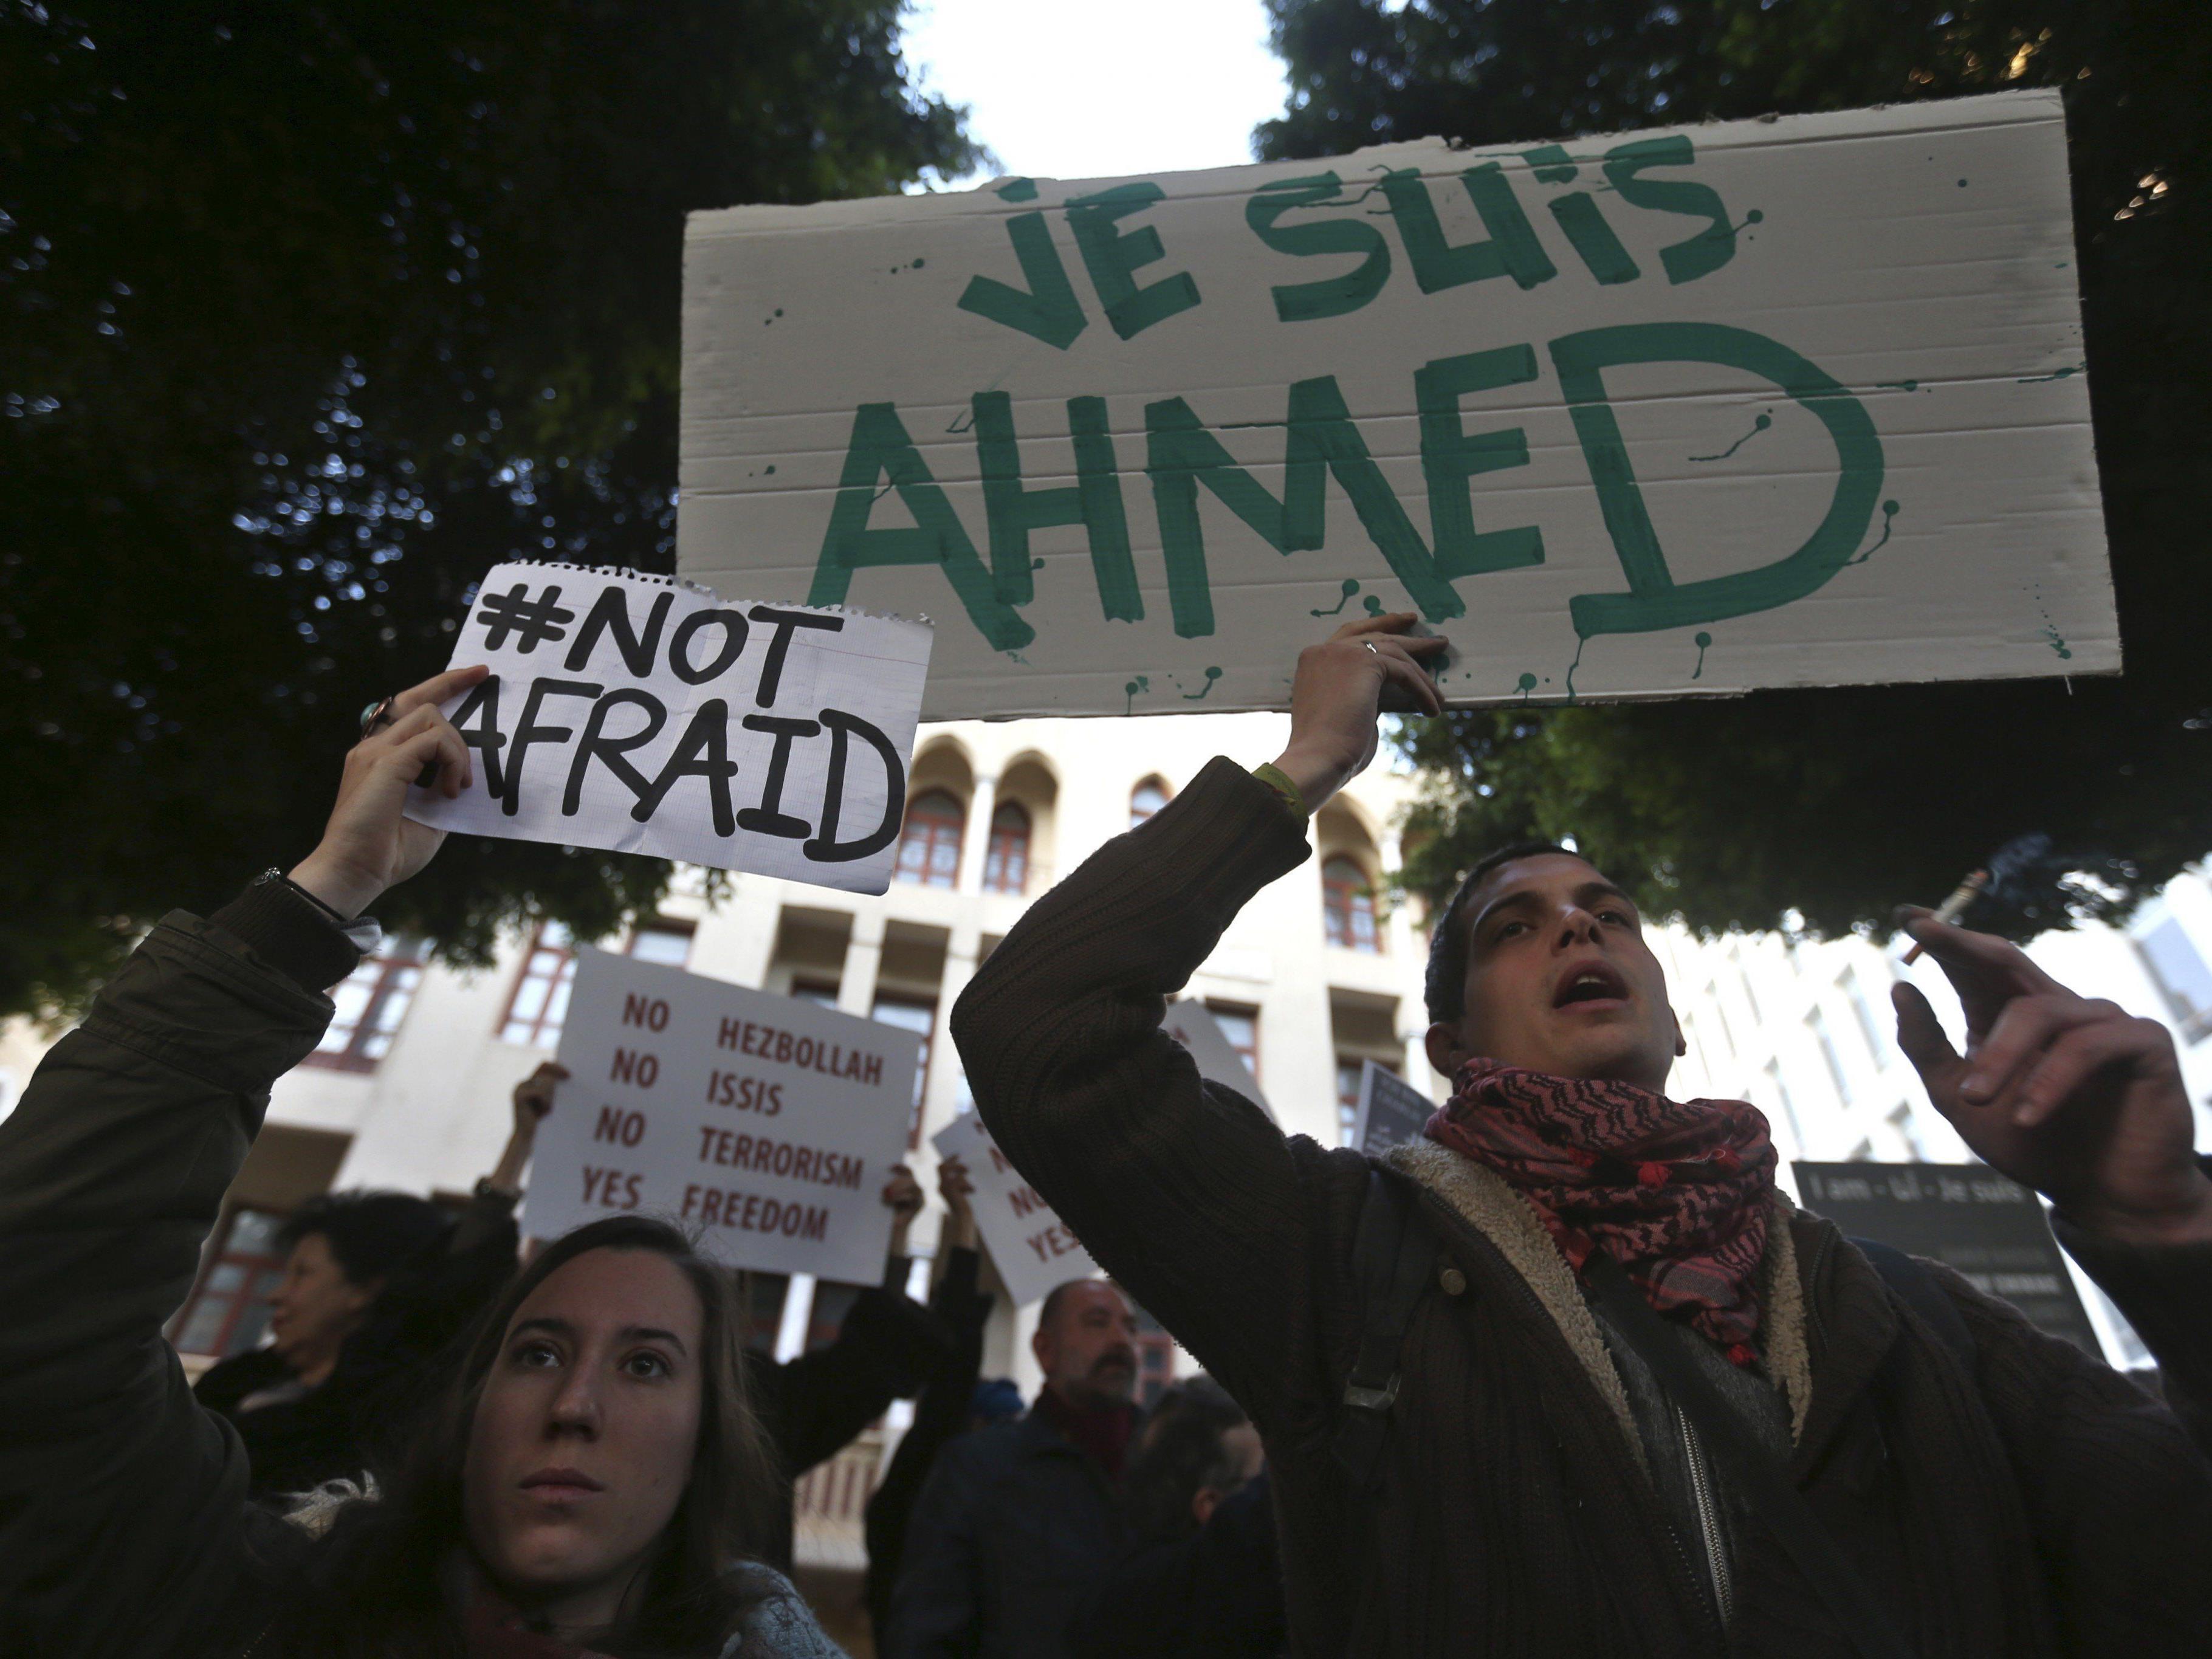 Frankreich hat nach Anschlagsserie drei Helden. Einer von ihnen: Ahmed Merabet, das erste Opfer der Terroristen.